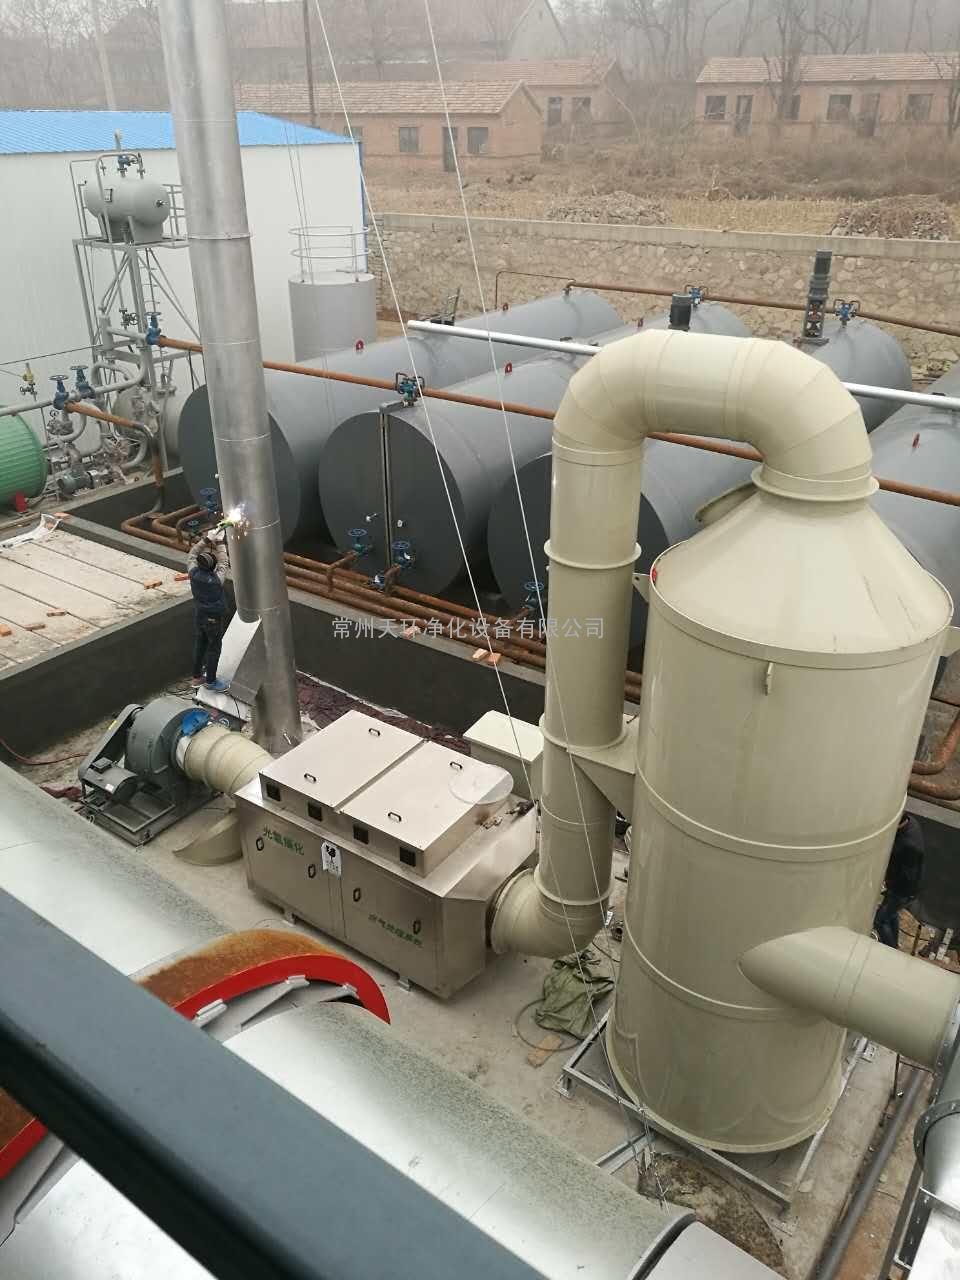 活性炭吸附塔废气处理设备原理更多详情